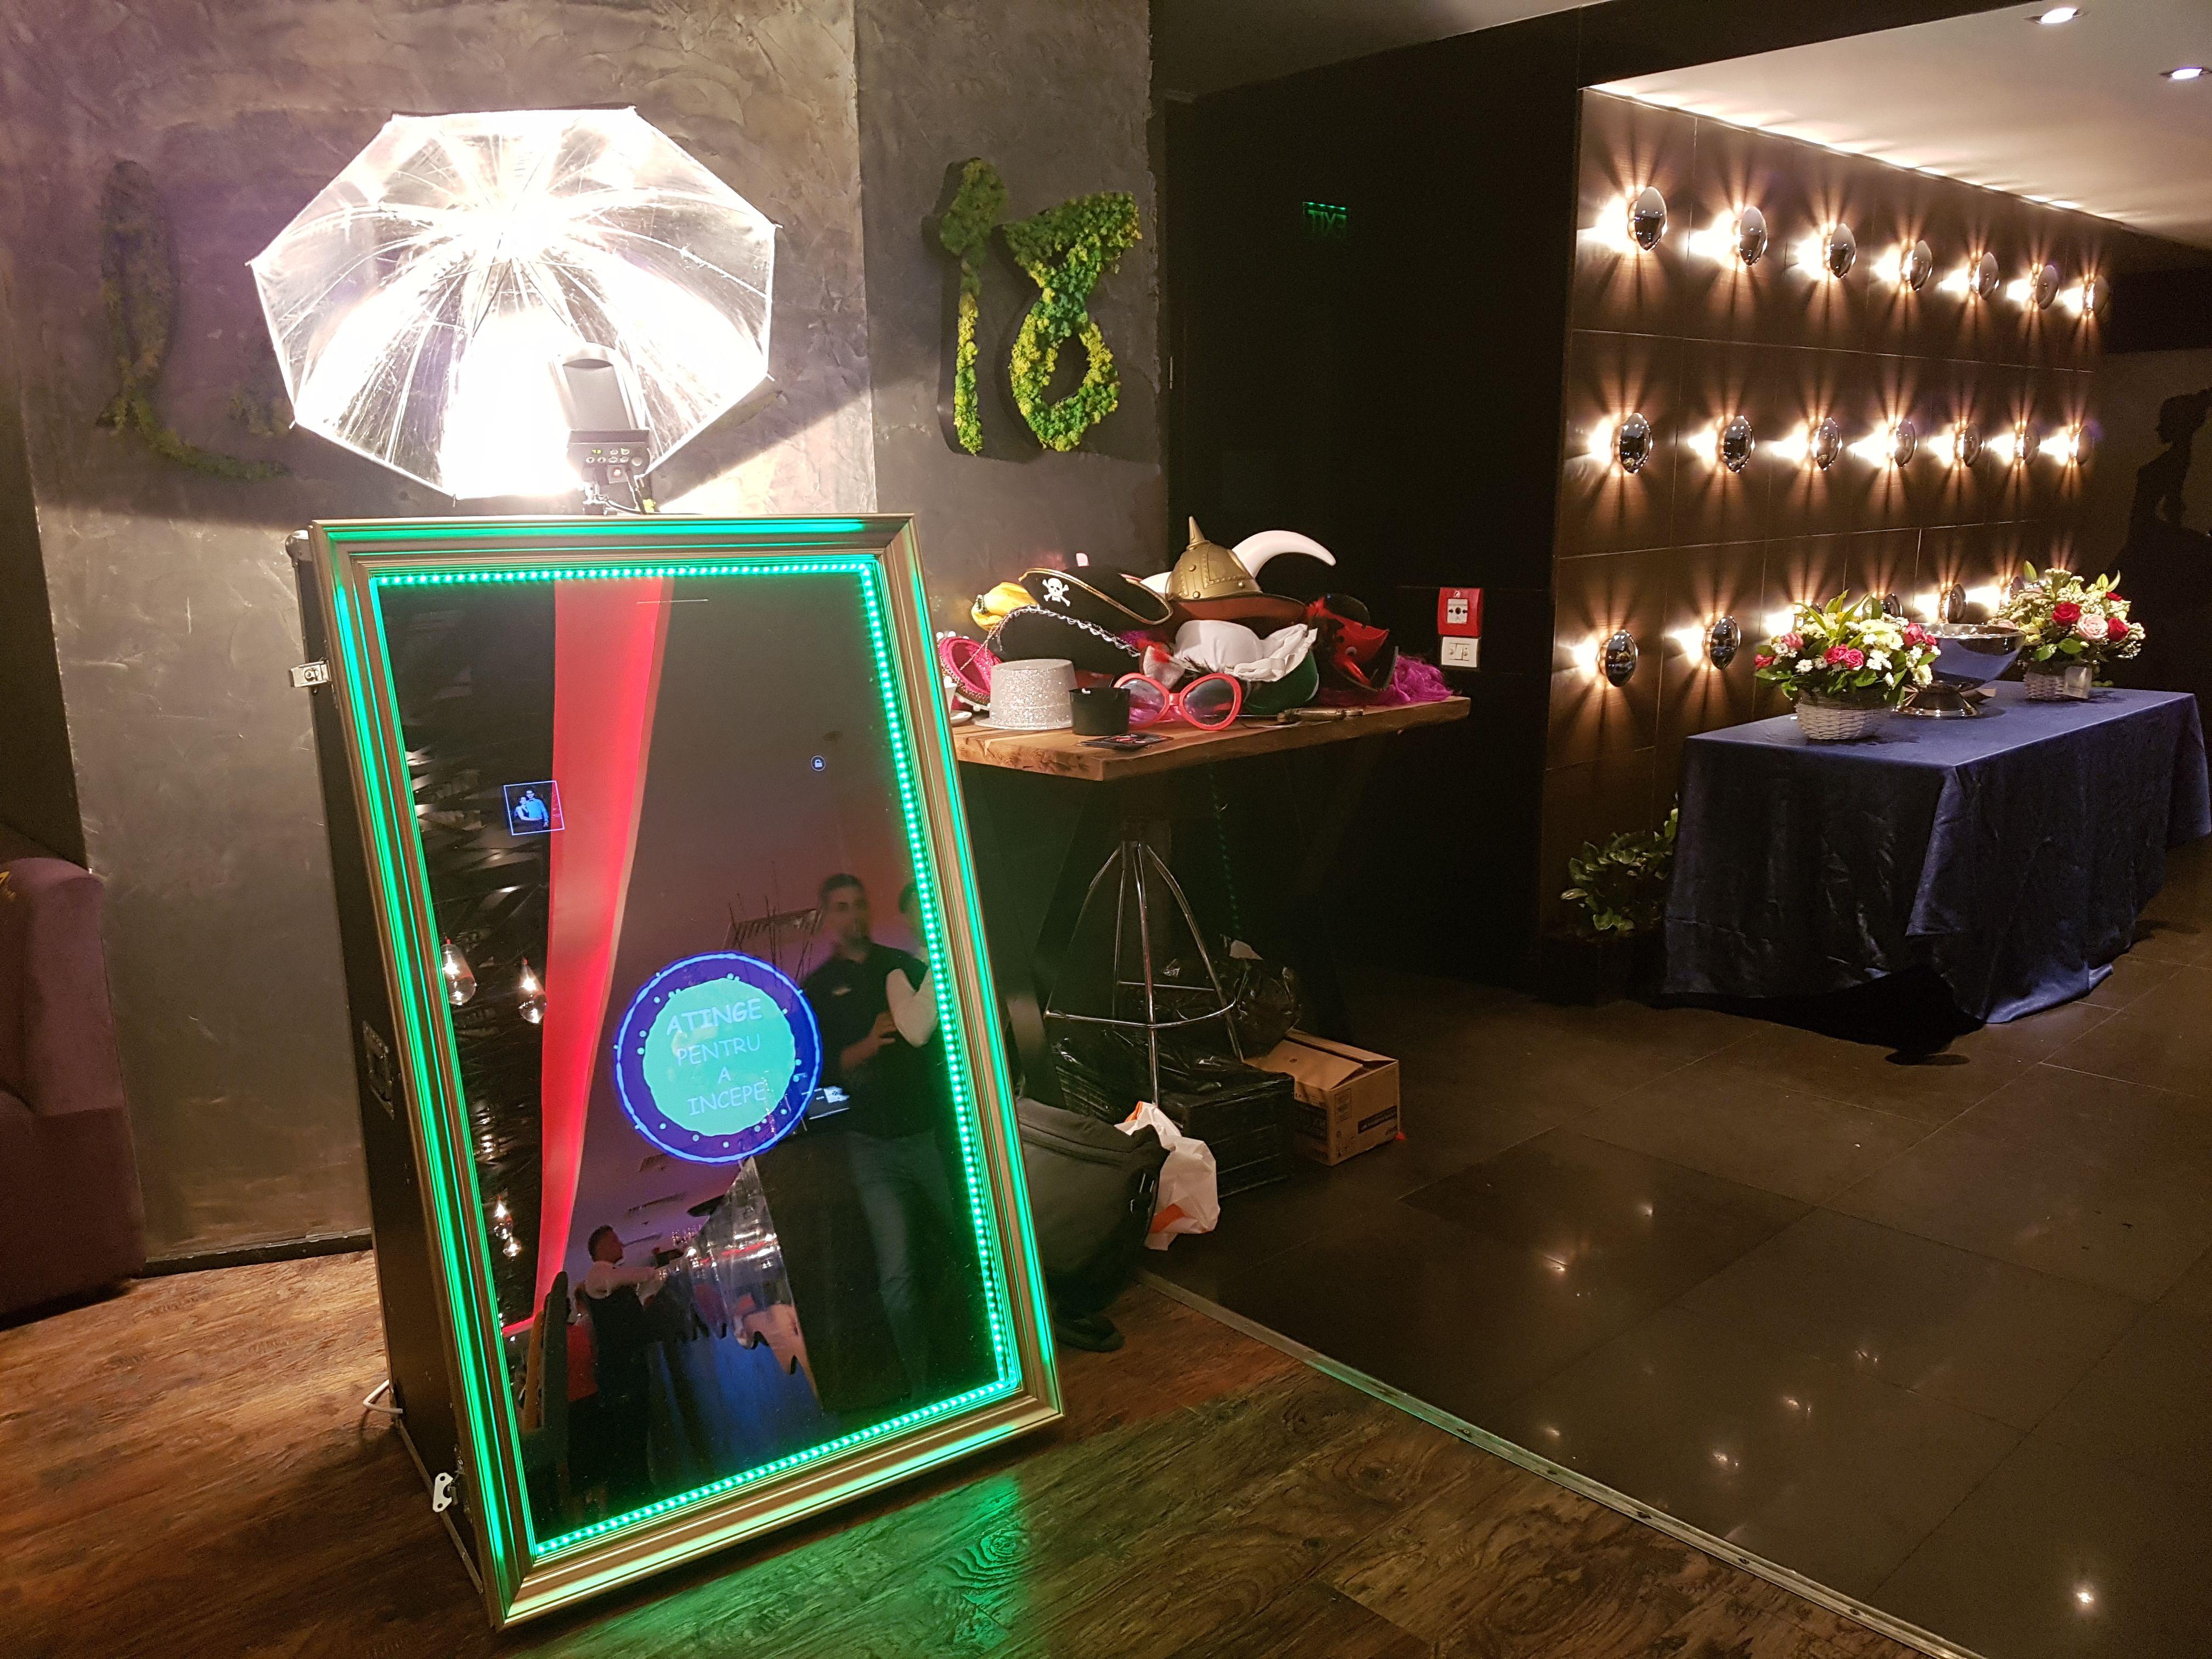 Foto Cabina Ideas : Cabina foto magic mirror oglinda magica de vanzare cabine